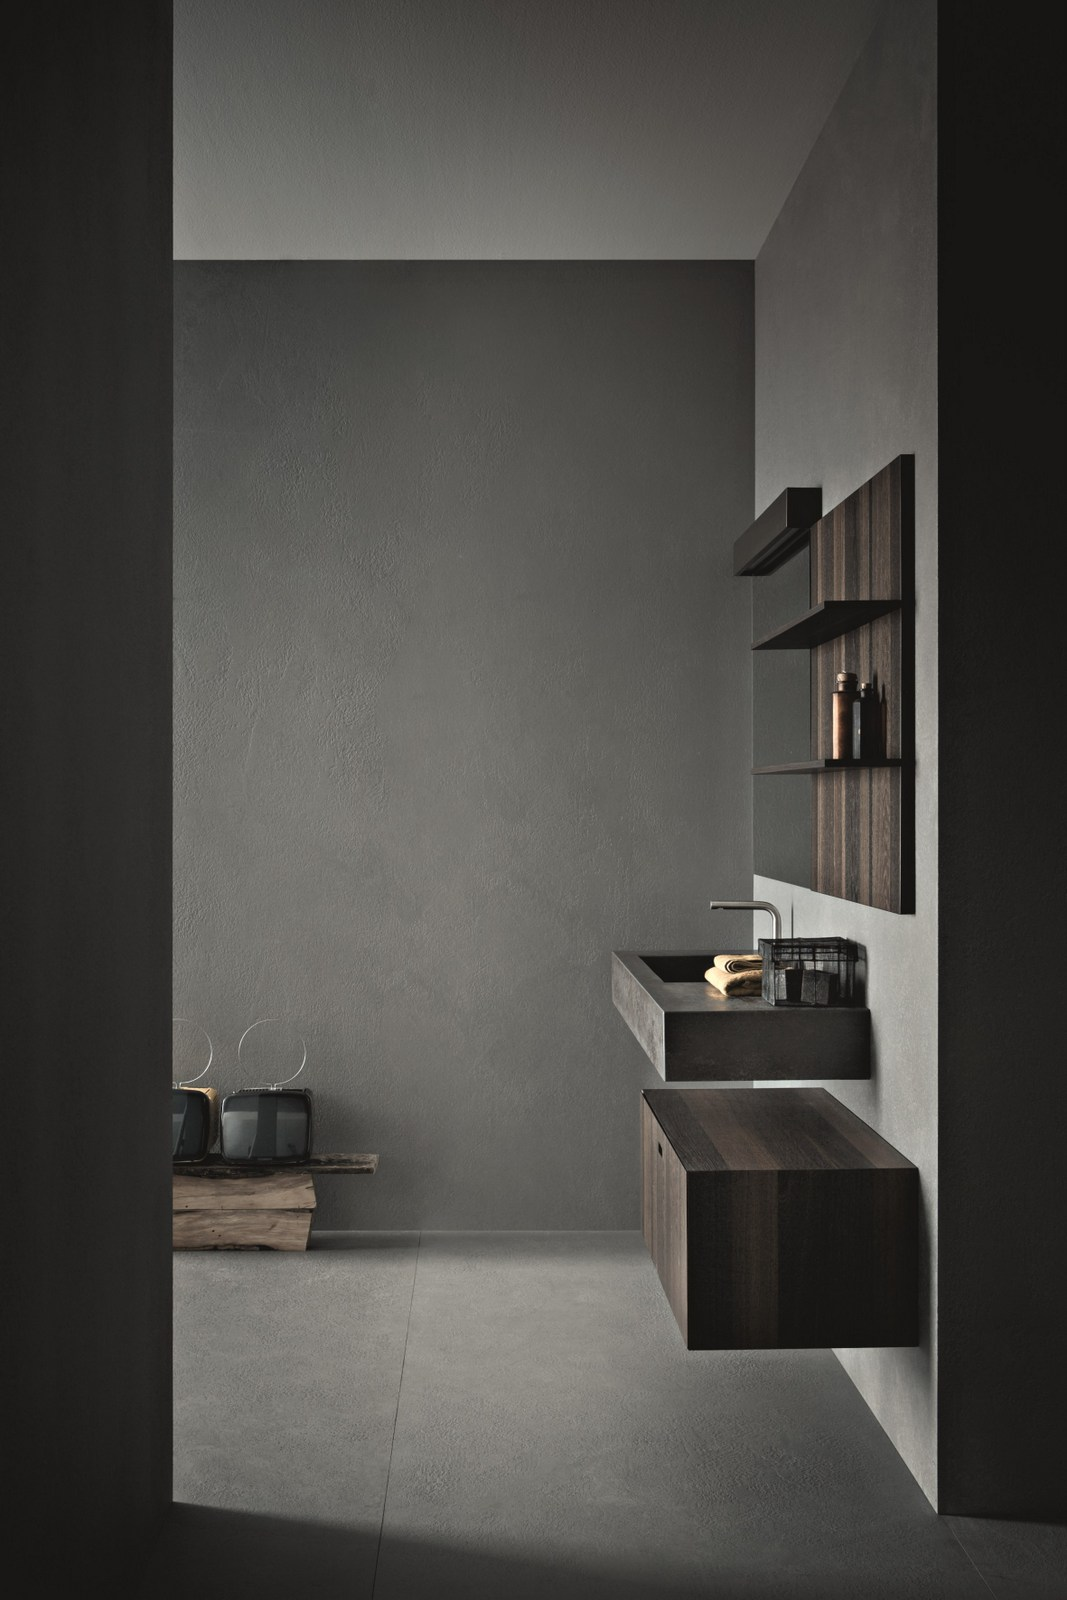 Arredo bagno completo craft composizione n09 by novello for Arredo bagno completo